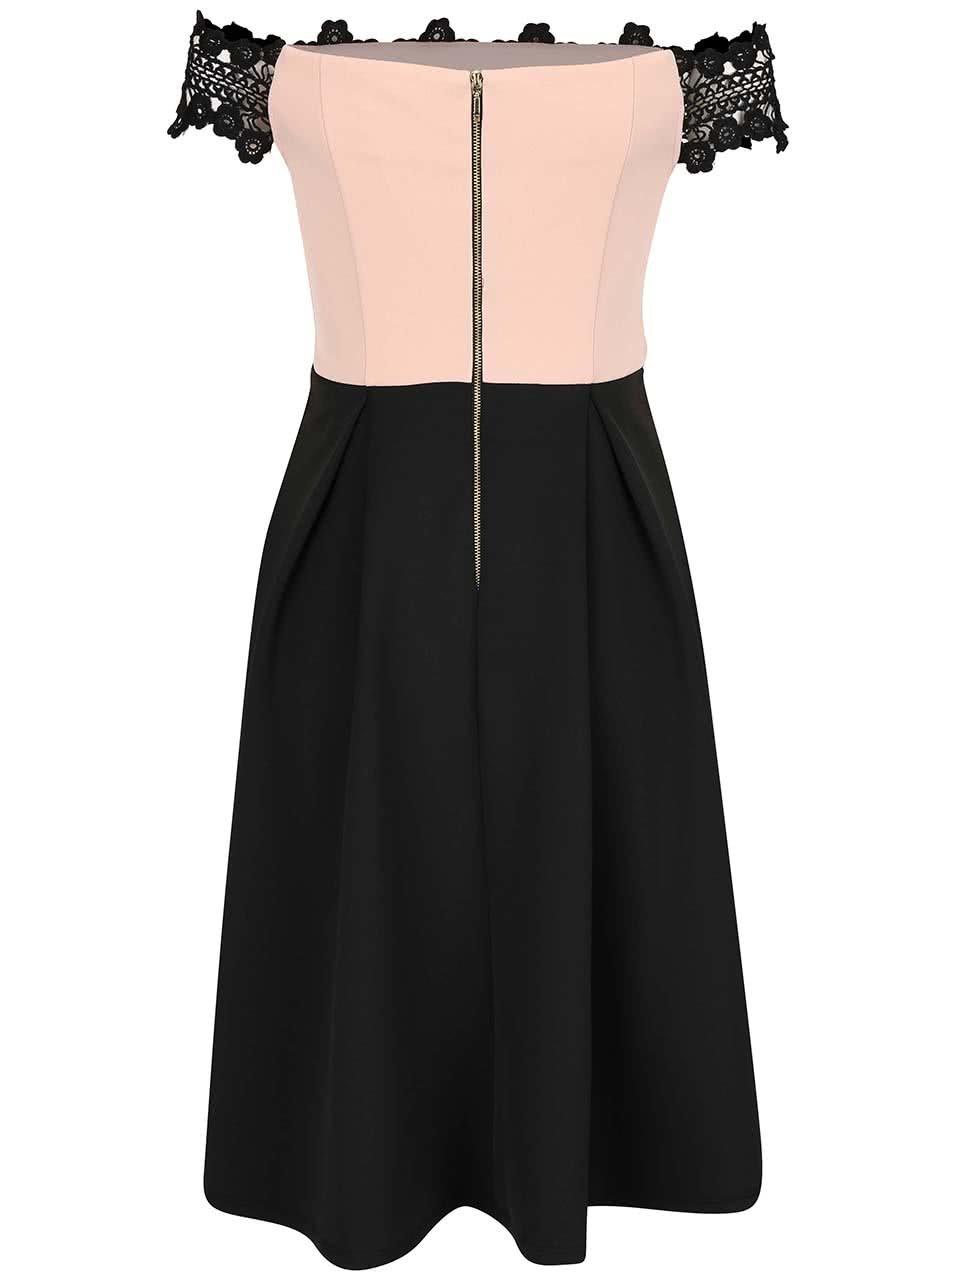 Růžovo-černé šaty s krajkou Dorothy Perkins ... 331182390b